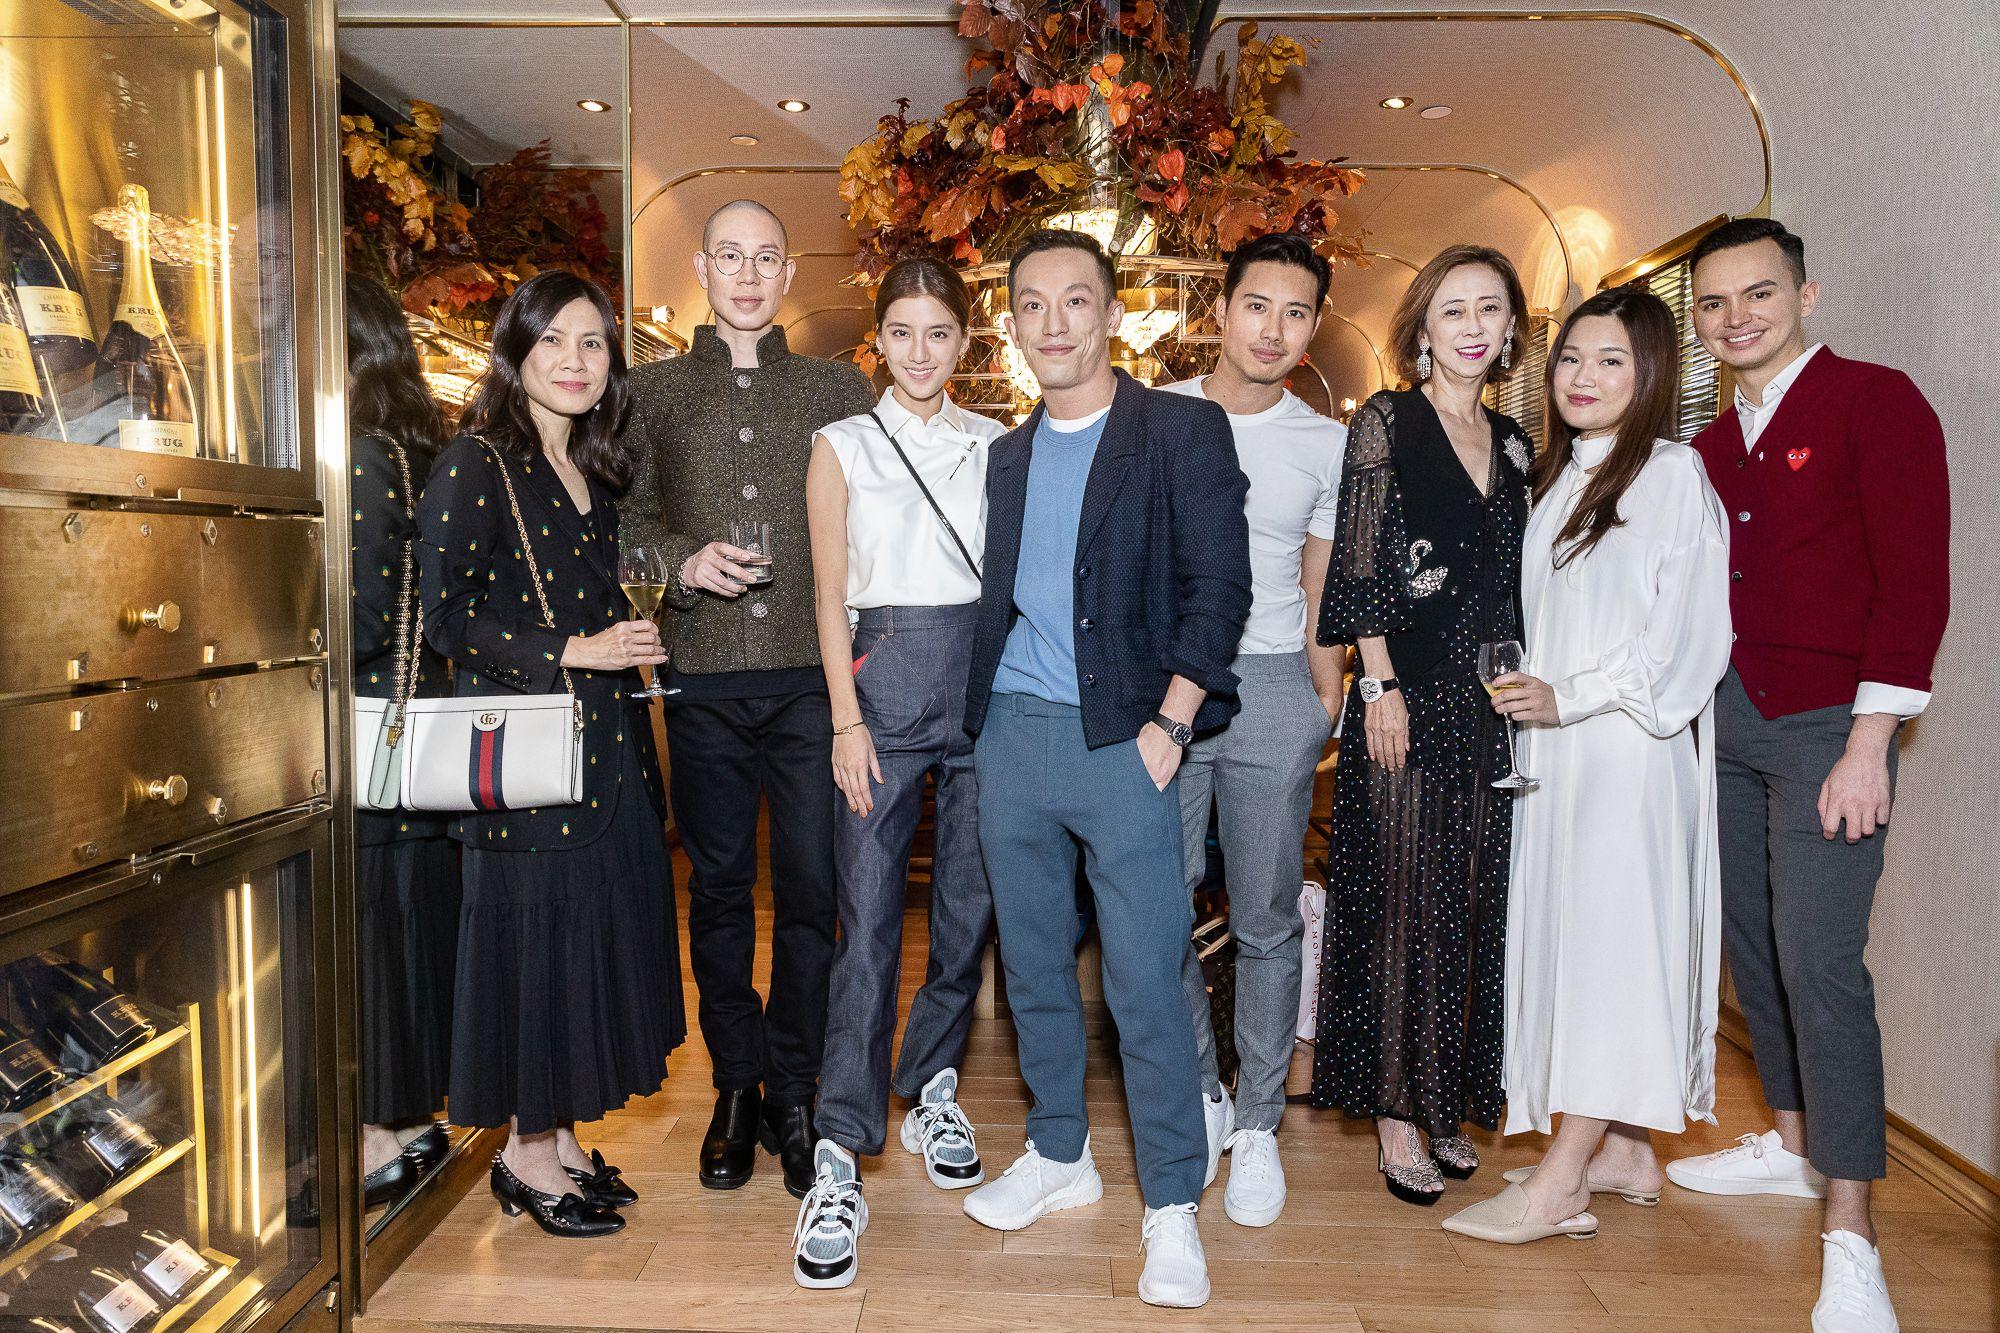 Michelle Tang, Zing Ng, Karena Ng, Harris Chan, Keno Lung, Shirley Chan, Queenie Rosita Law, Christian Barlow